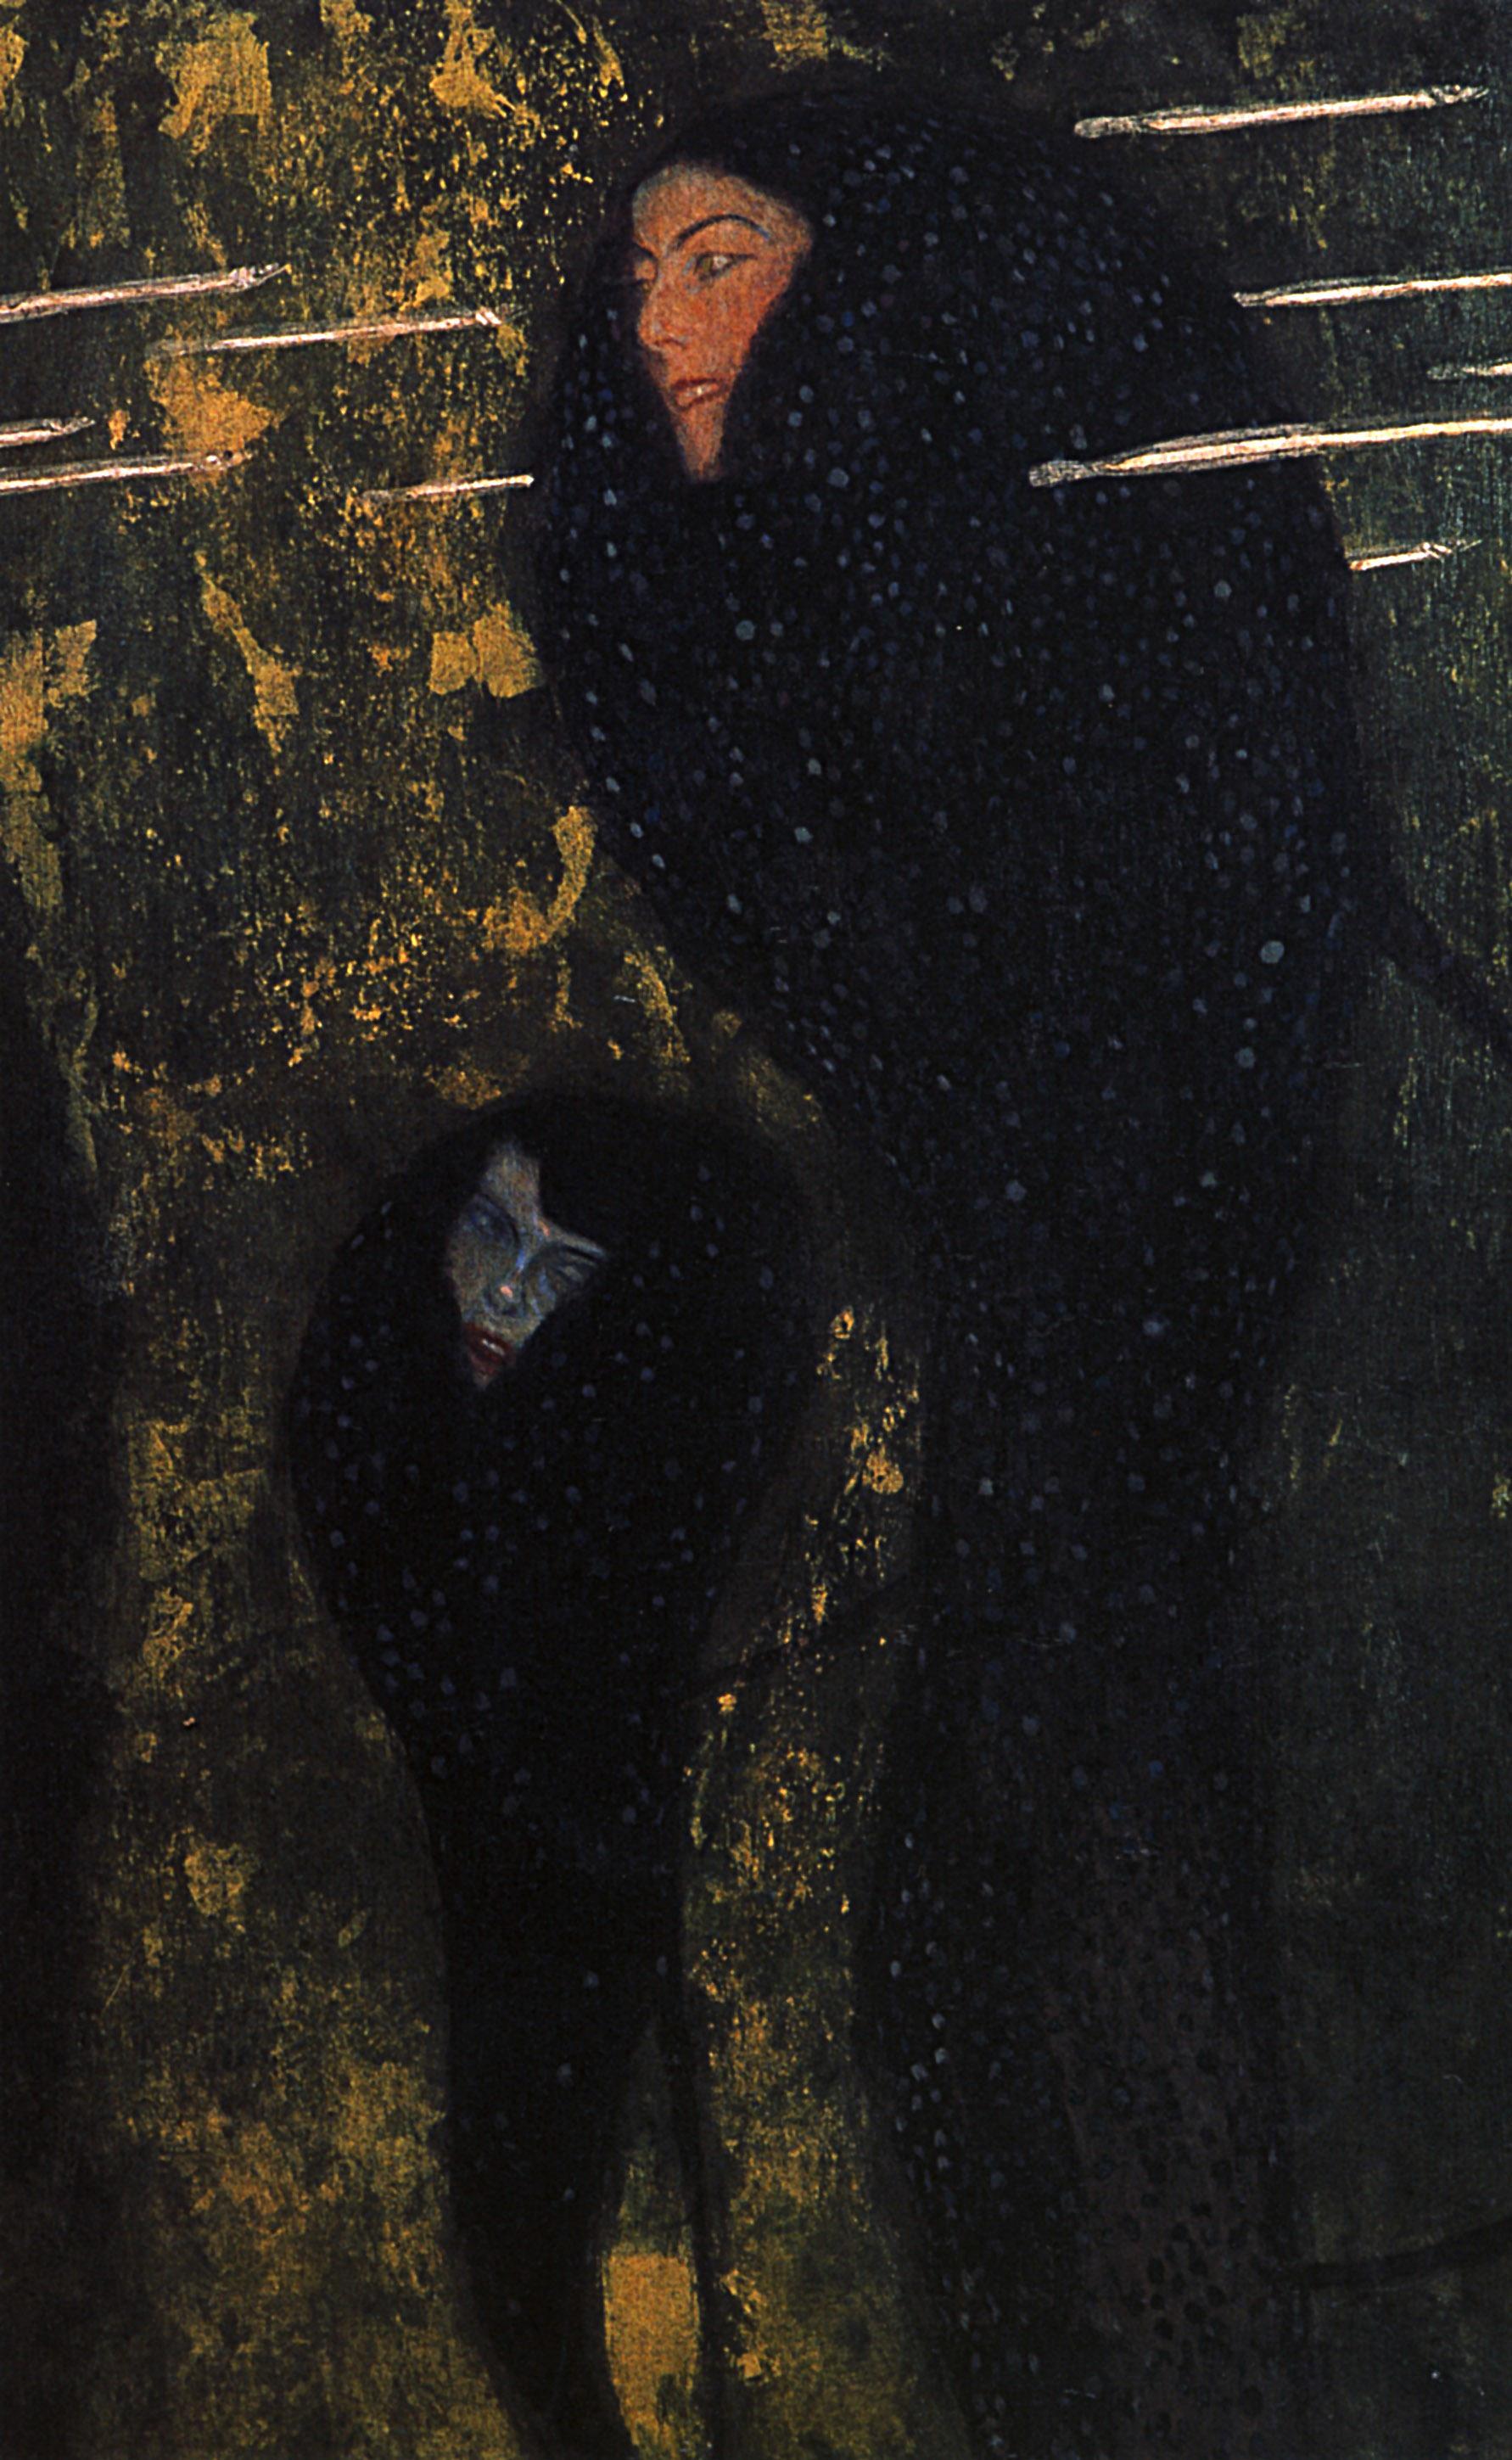 Ролики золотого дождя 6 фотография